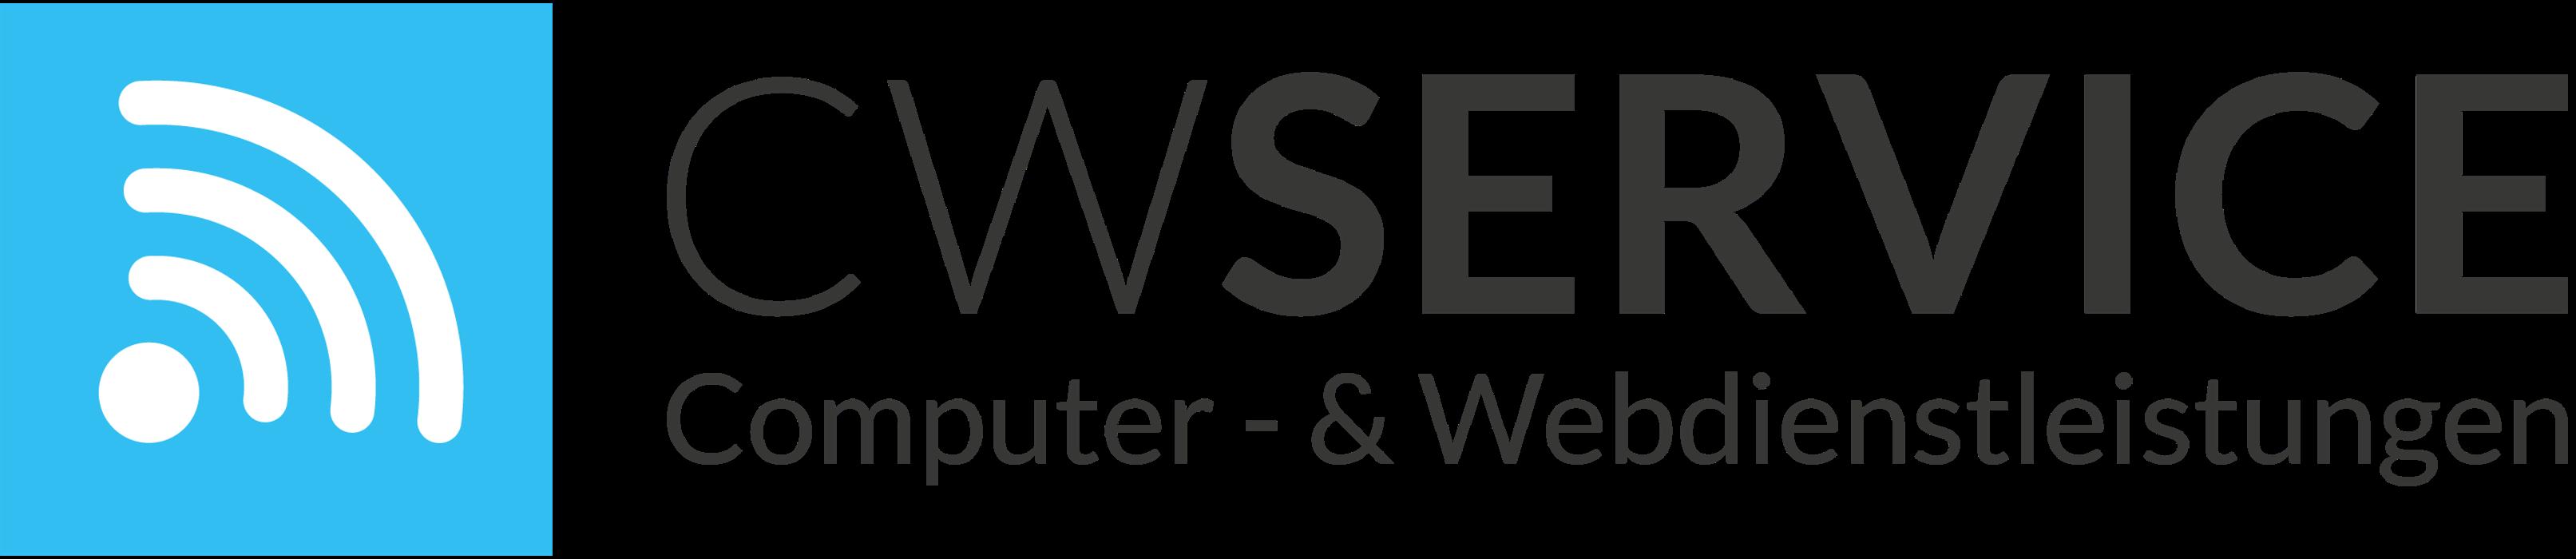 Bild zu CW Computer- & Webdienstleistungen in Zülpich